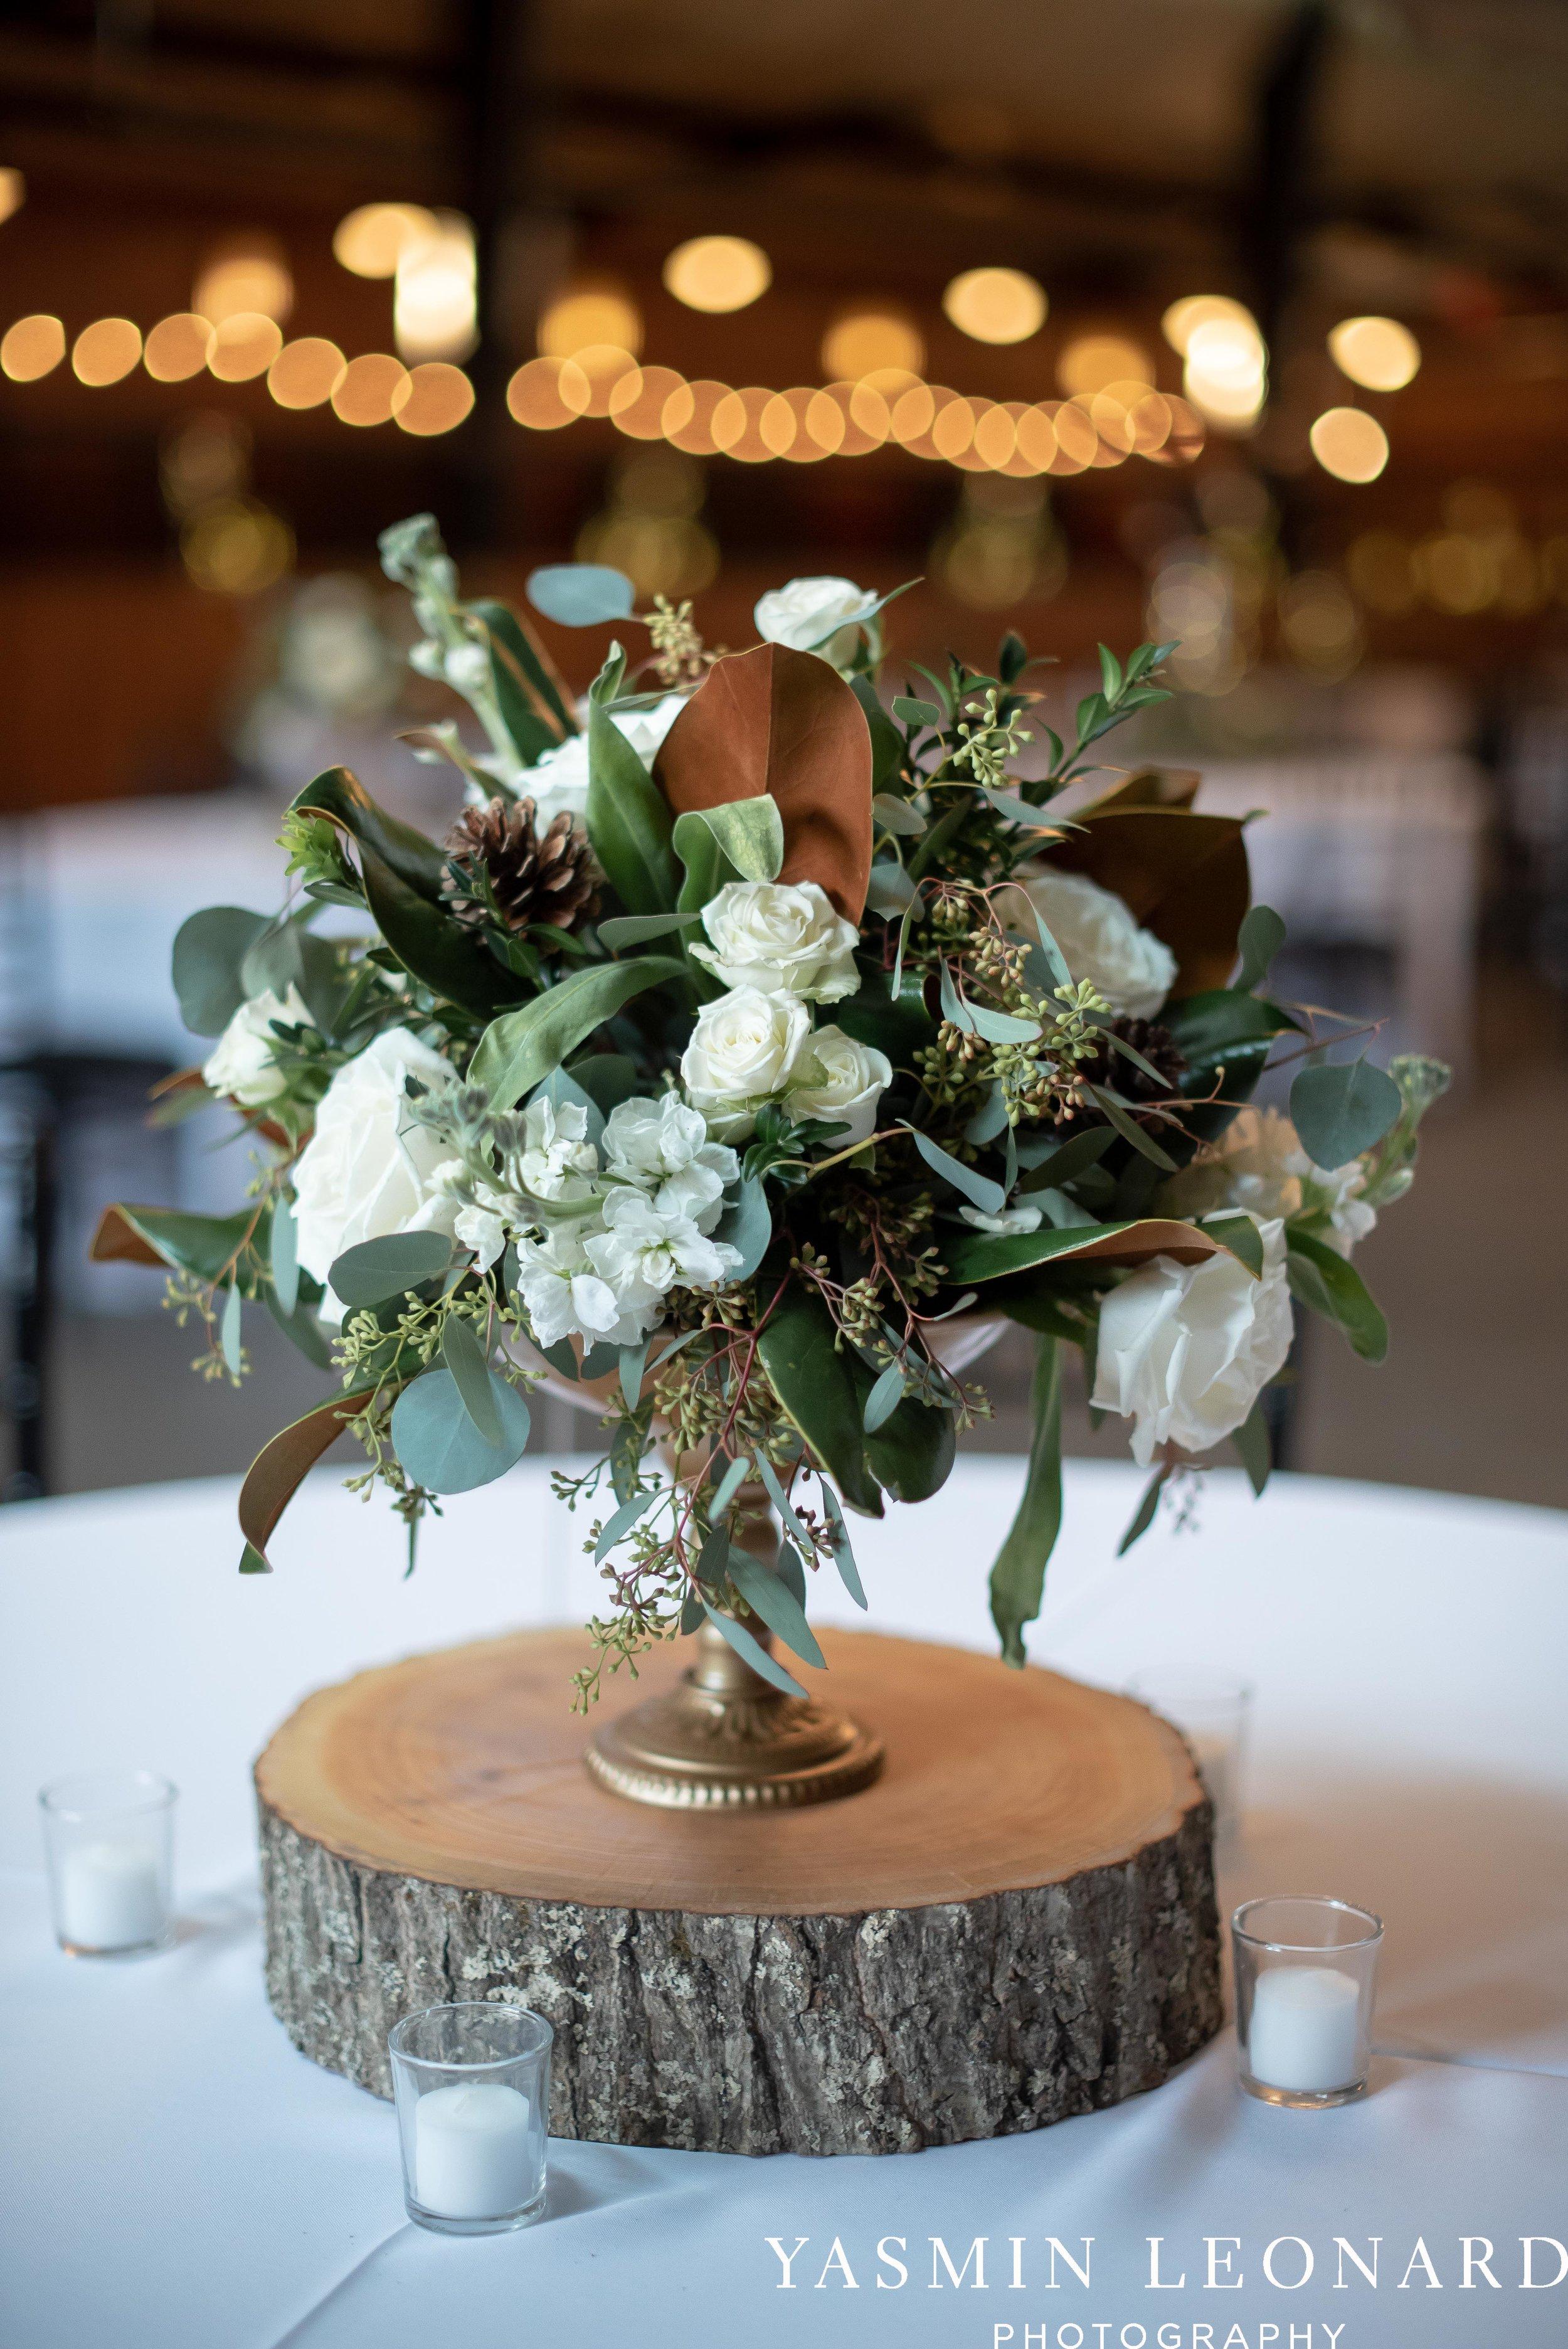 Adaumont Farm - Wesley Memorial Weddings - High Point Weddings - Just Priceless - NC Wedding Photographer - Yasmin Leonard Photography - High Point Wedding Vendors-18.jpg